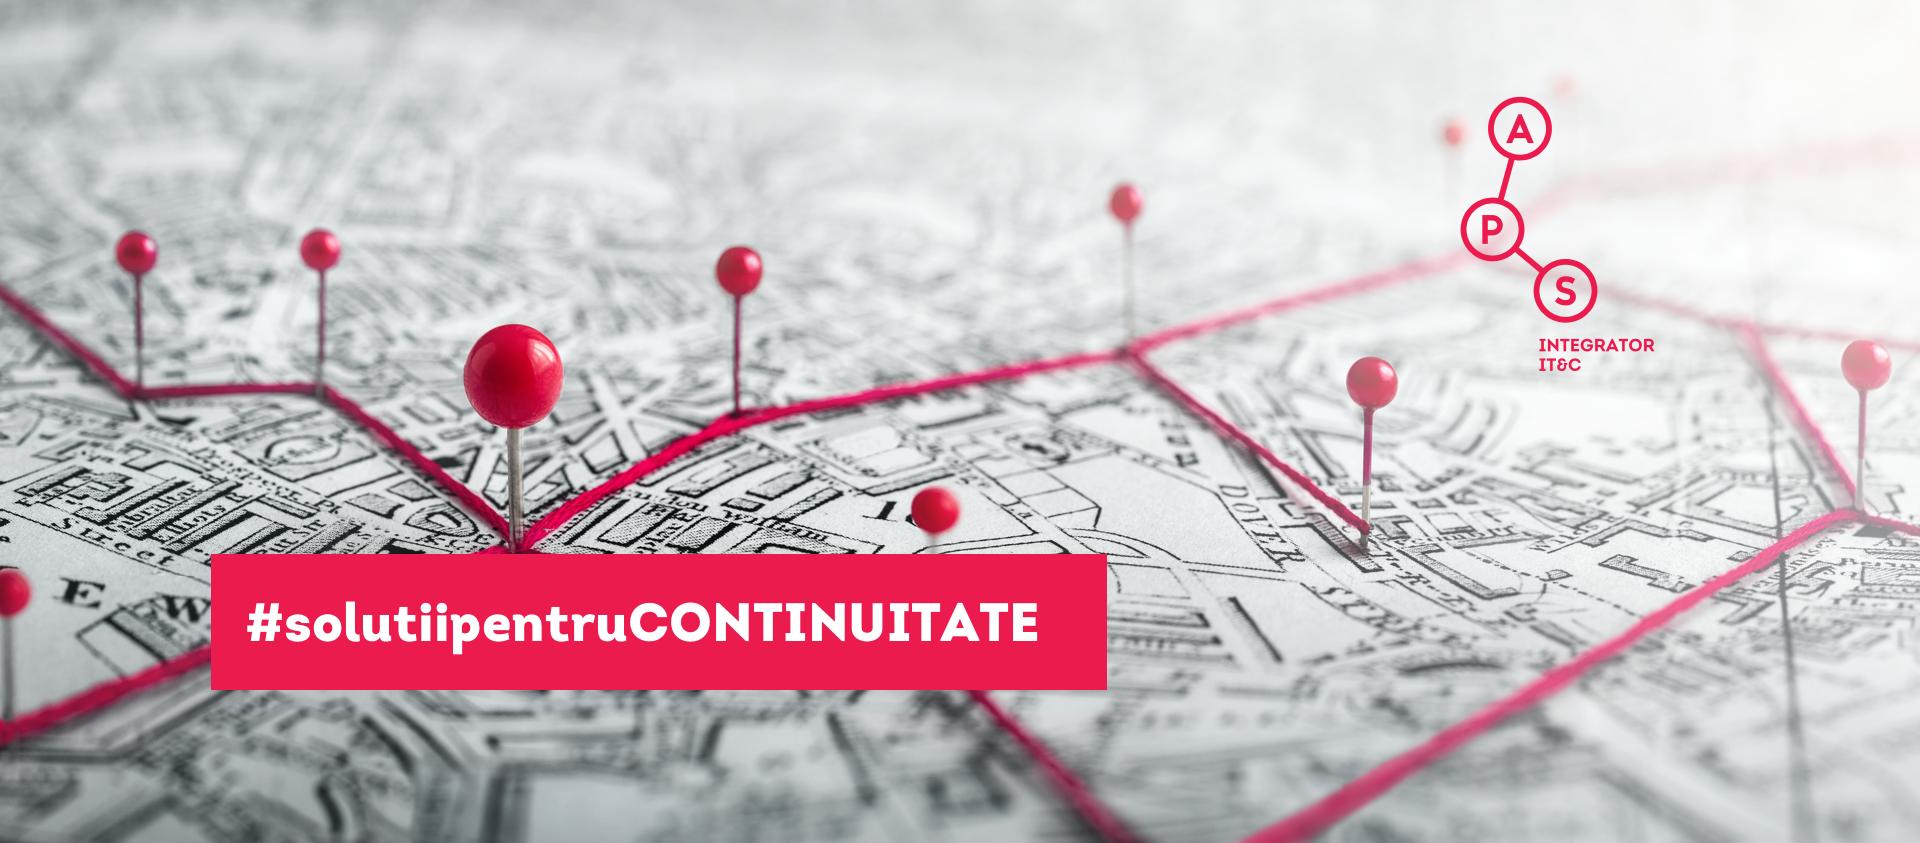 Inițiativa #solutiipentruCONTINUITATE  susține IMM-urile și comunitățile locale